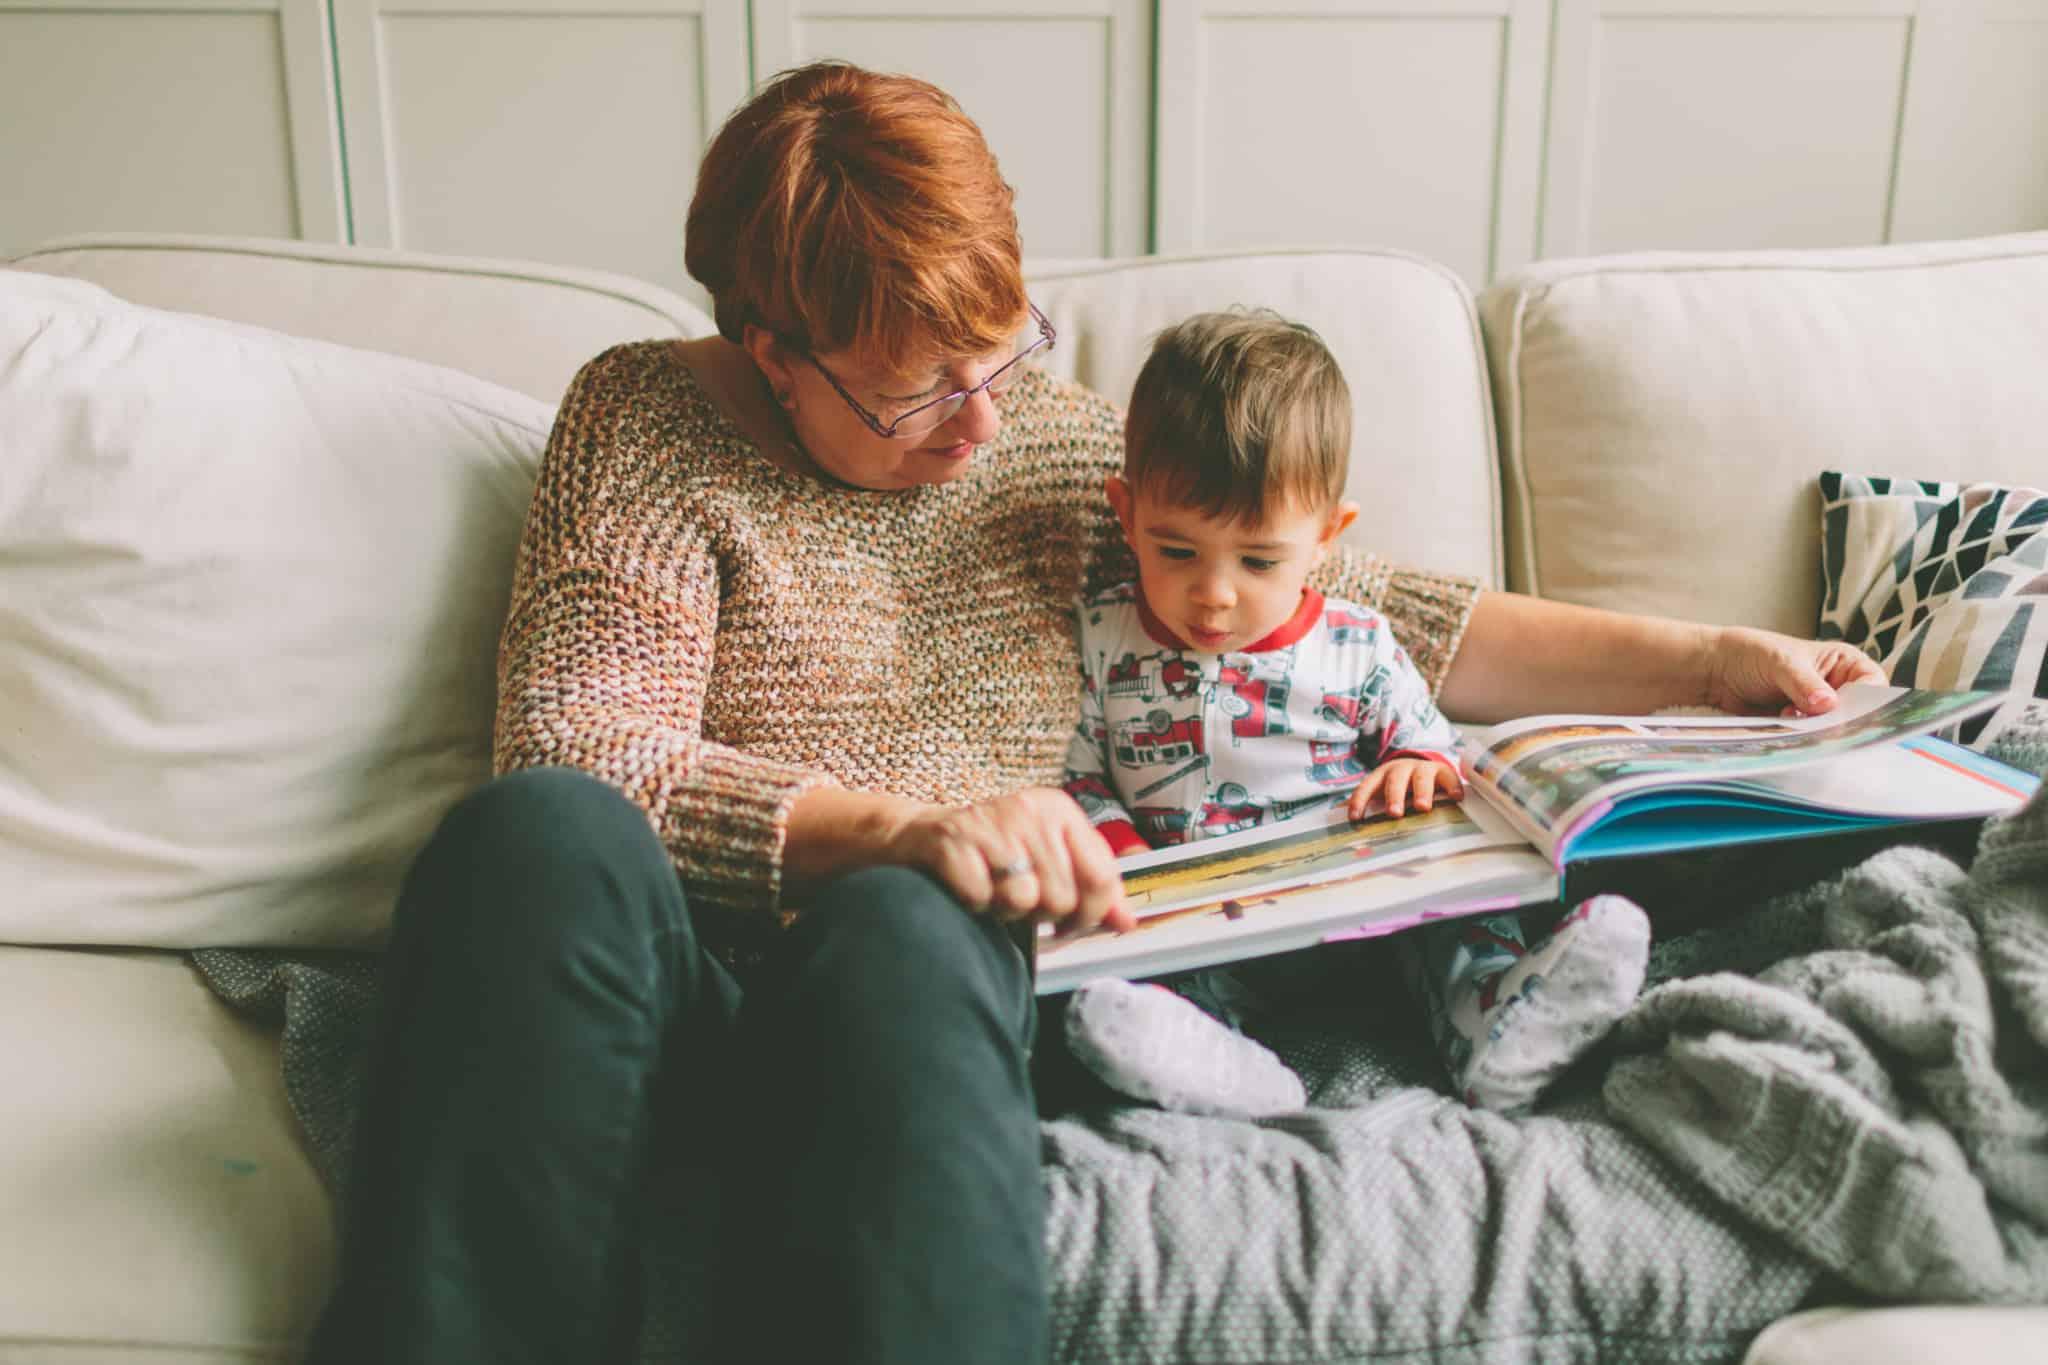 avó ruiva a ler história com o neto no sofá